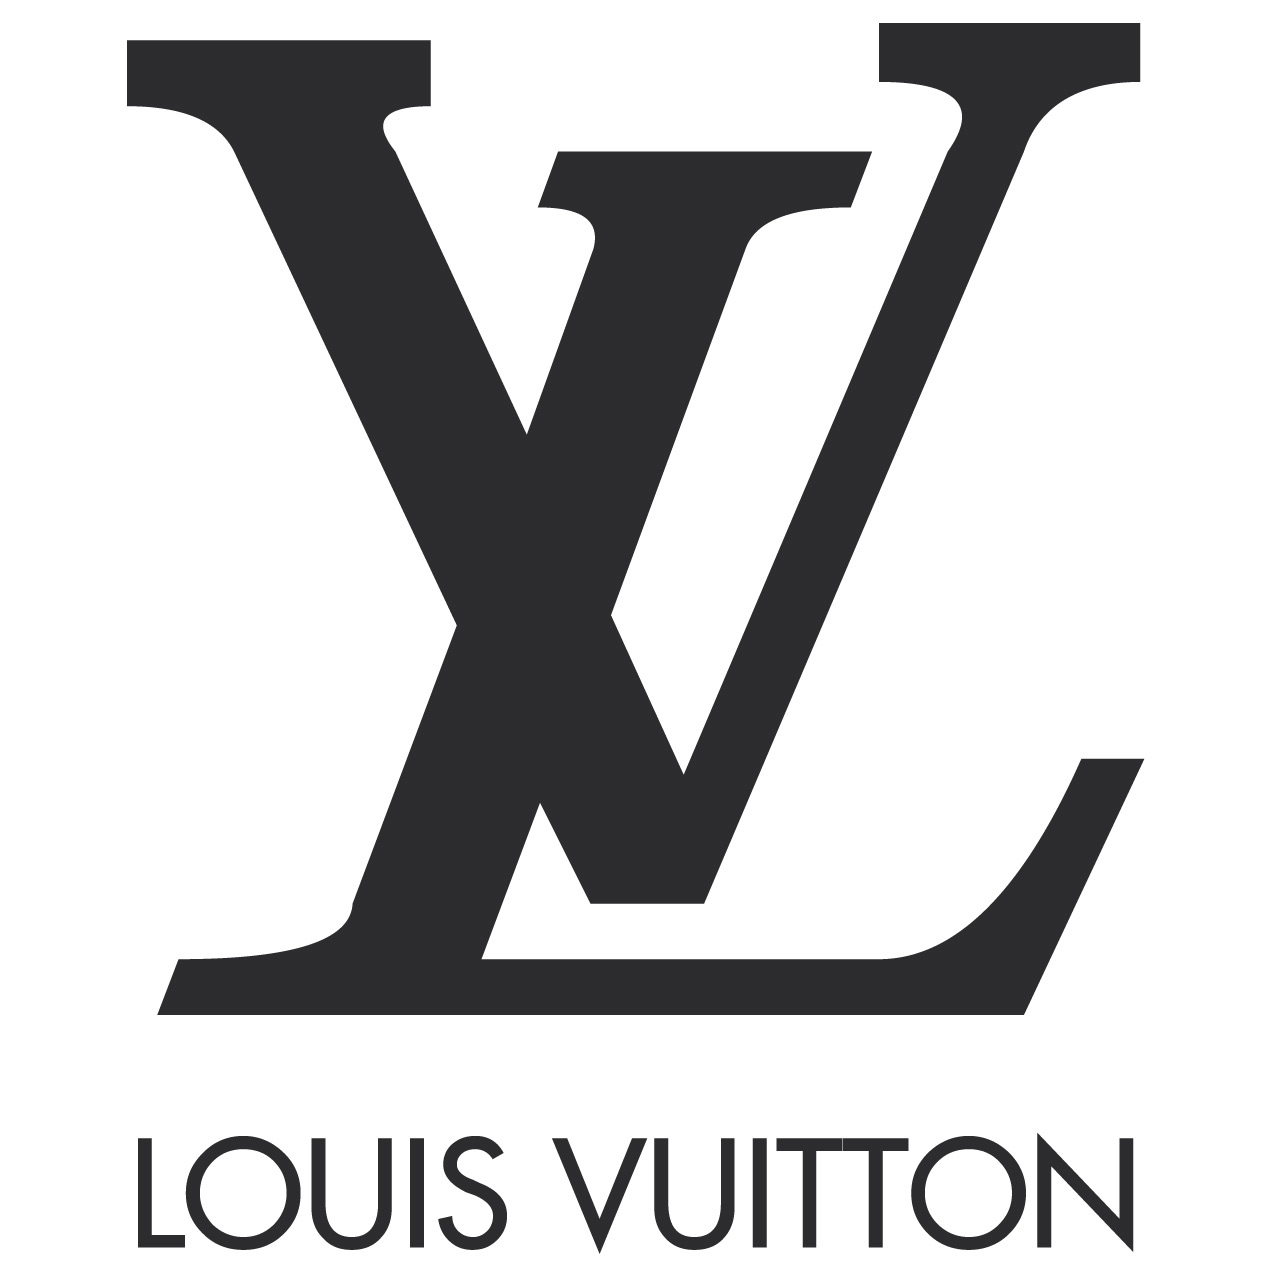 http://3.bp.blogspot.com/_7yB-eeGviiI/TS3Q6fdBrII/AAAAAAAAFxU/NiWAYcSrdr0/s1600/Louis_Vuitton.jpg